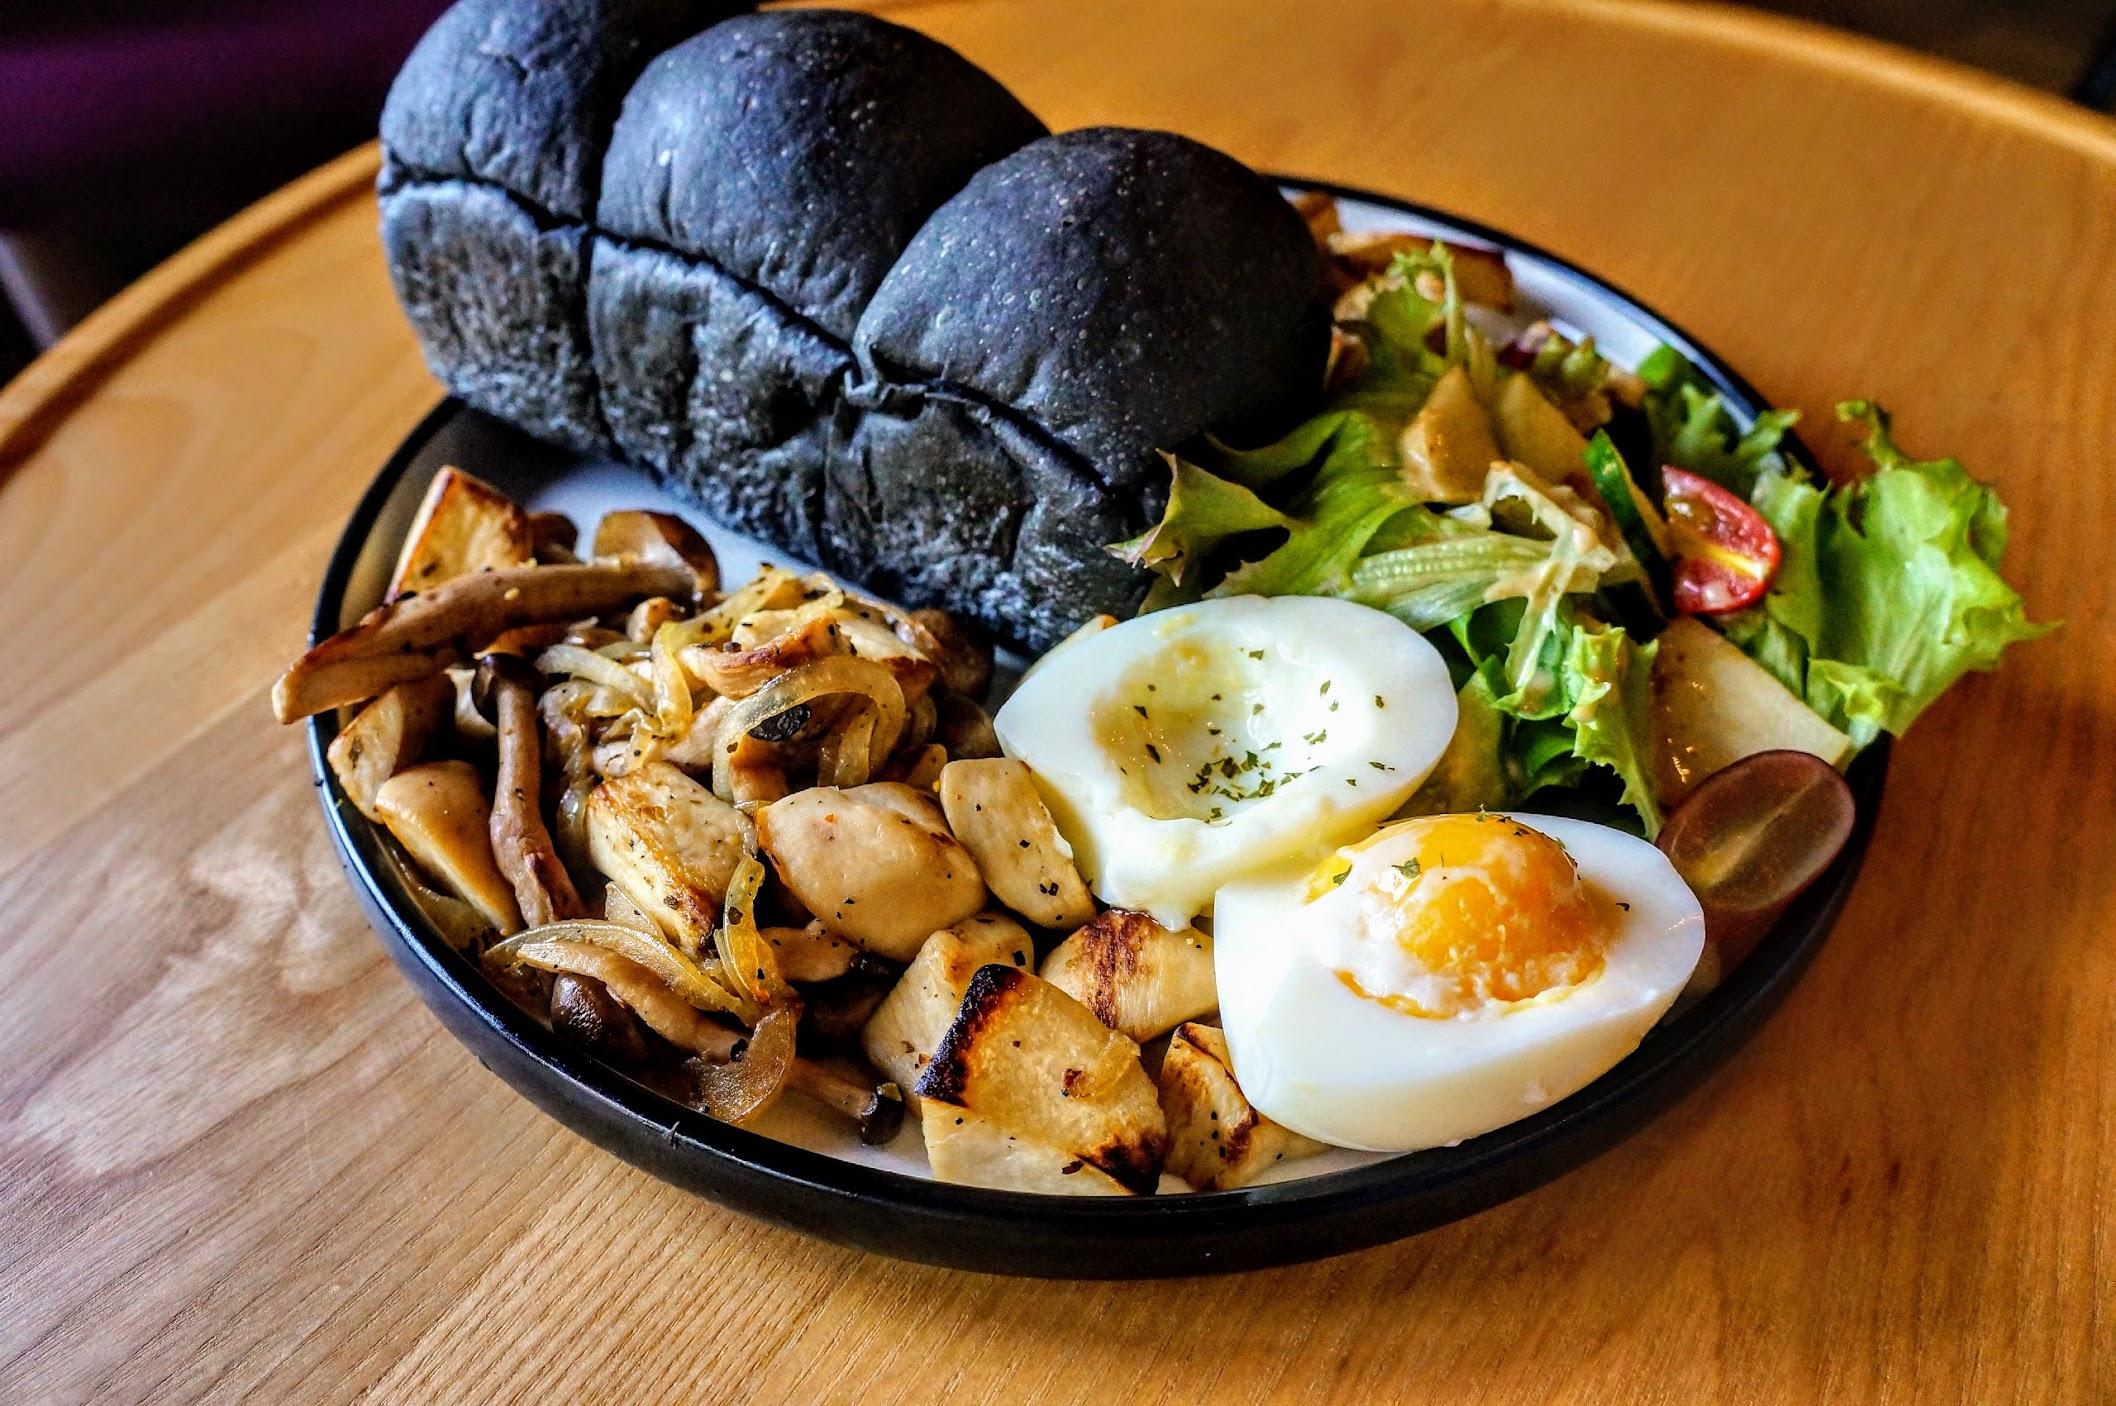 黃金蛋佐義式鮮菇! 有竹炭麵包/水煮蛋/馬鈴薯和菇類...